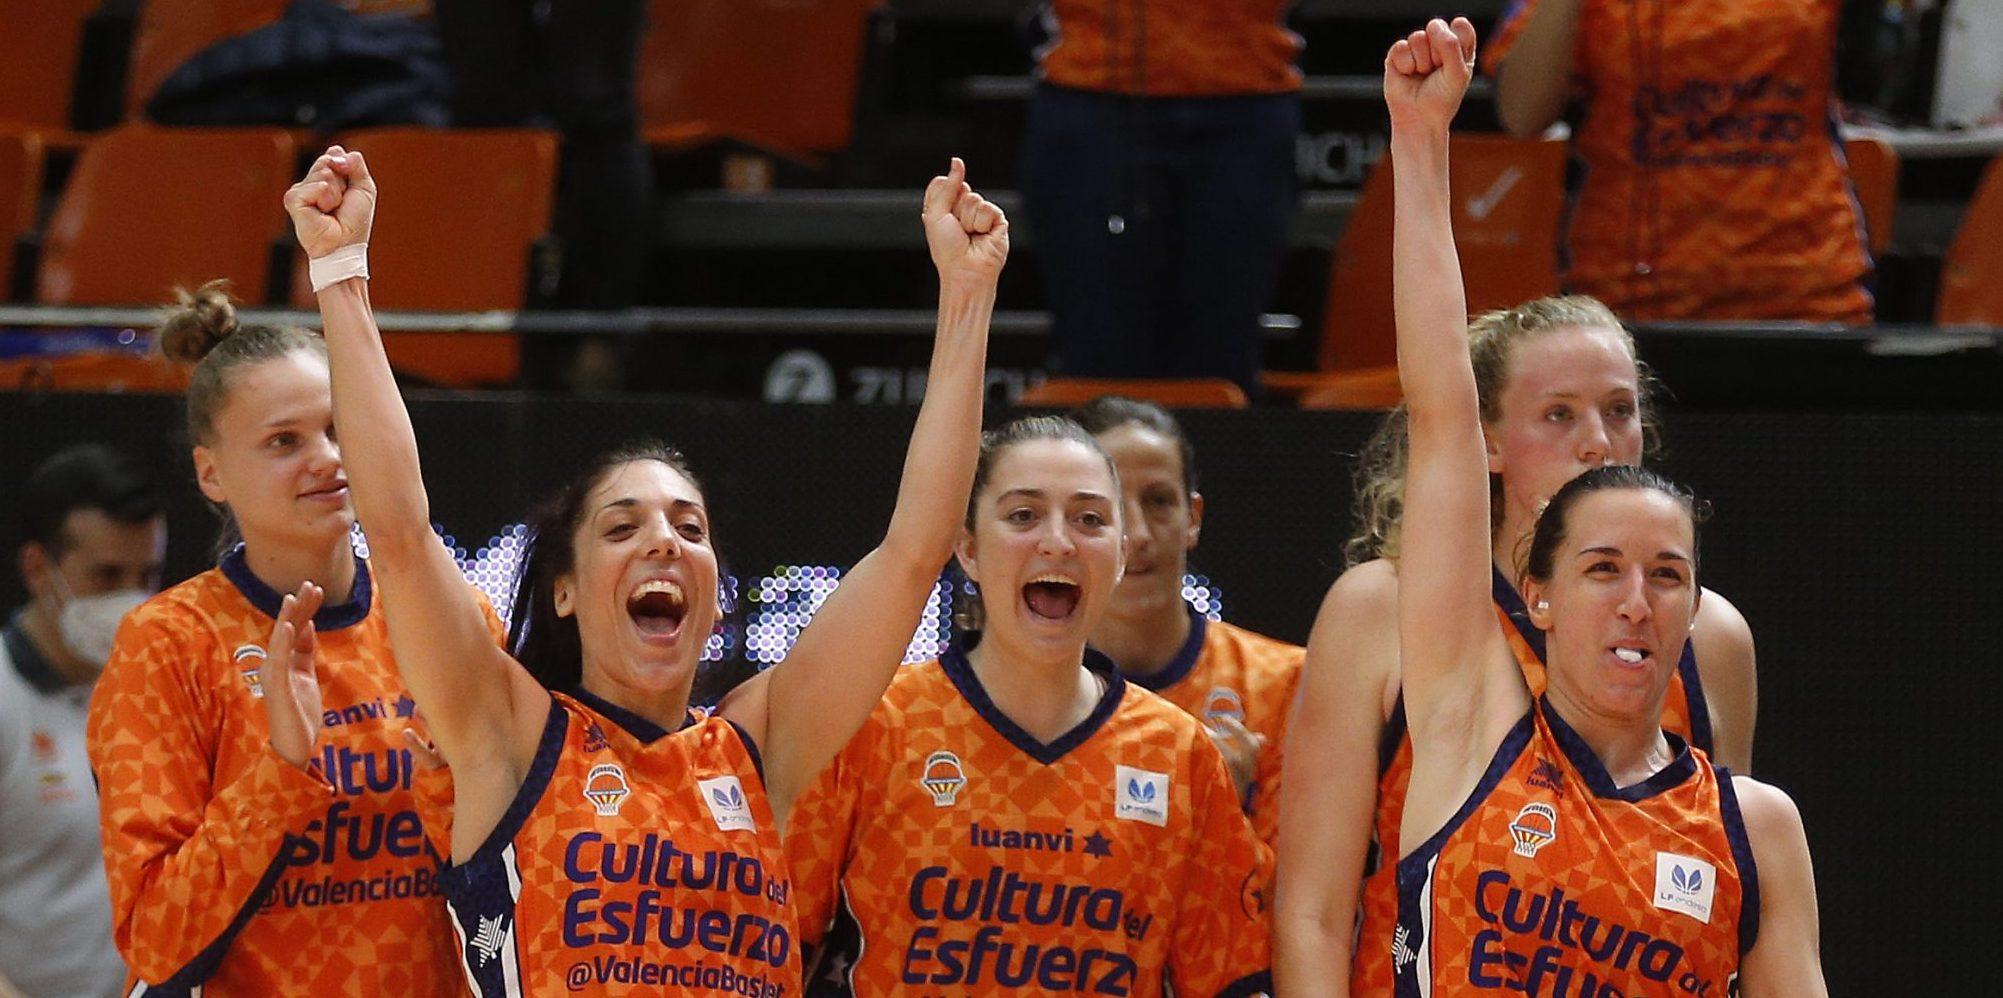 Un incombustible Valencia Basket que se acostumbra a las finales